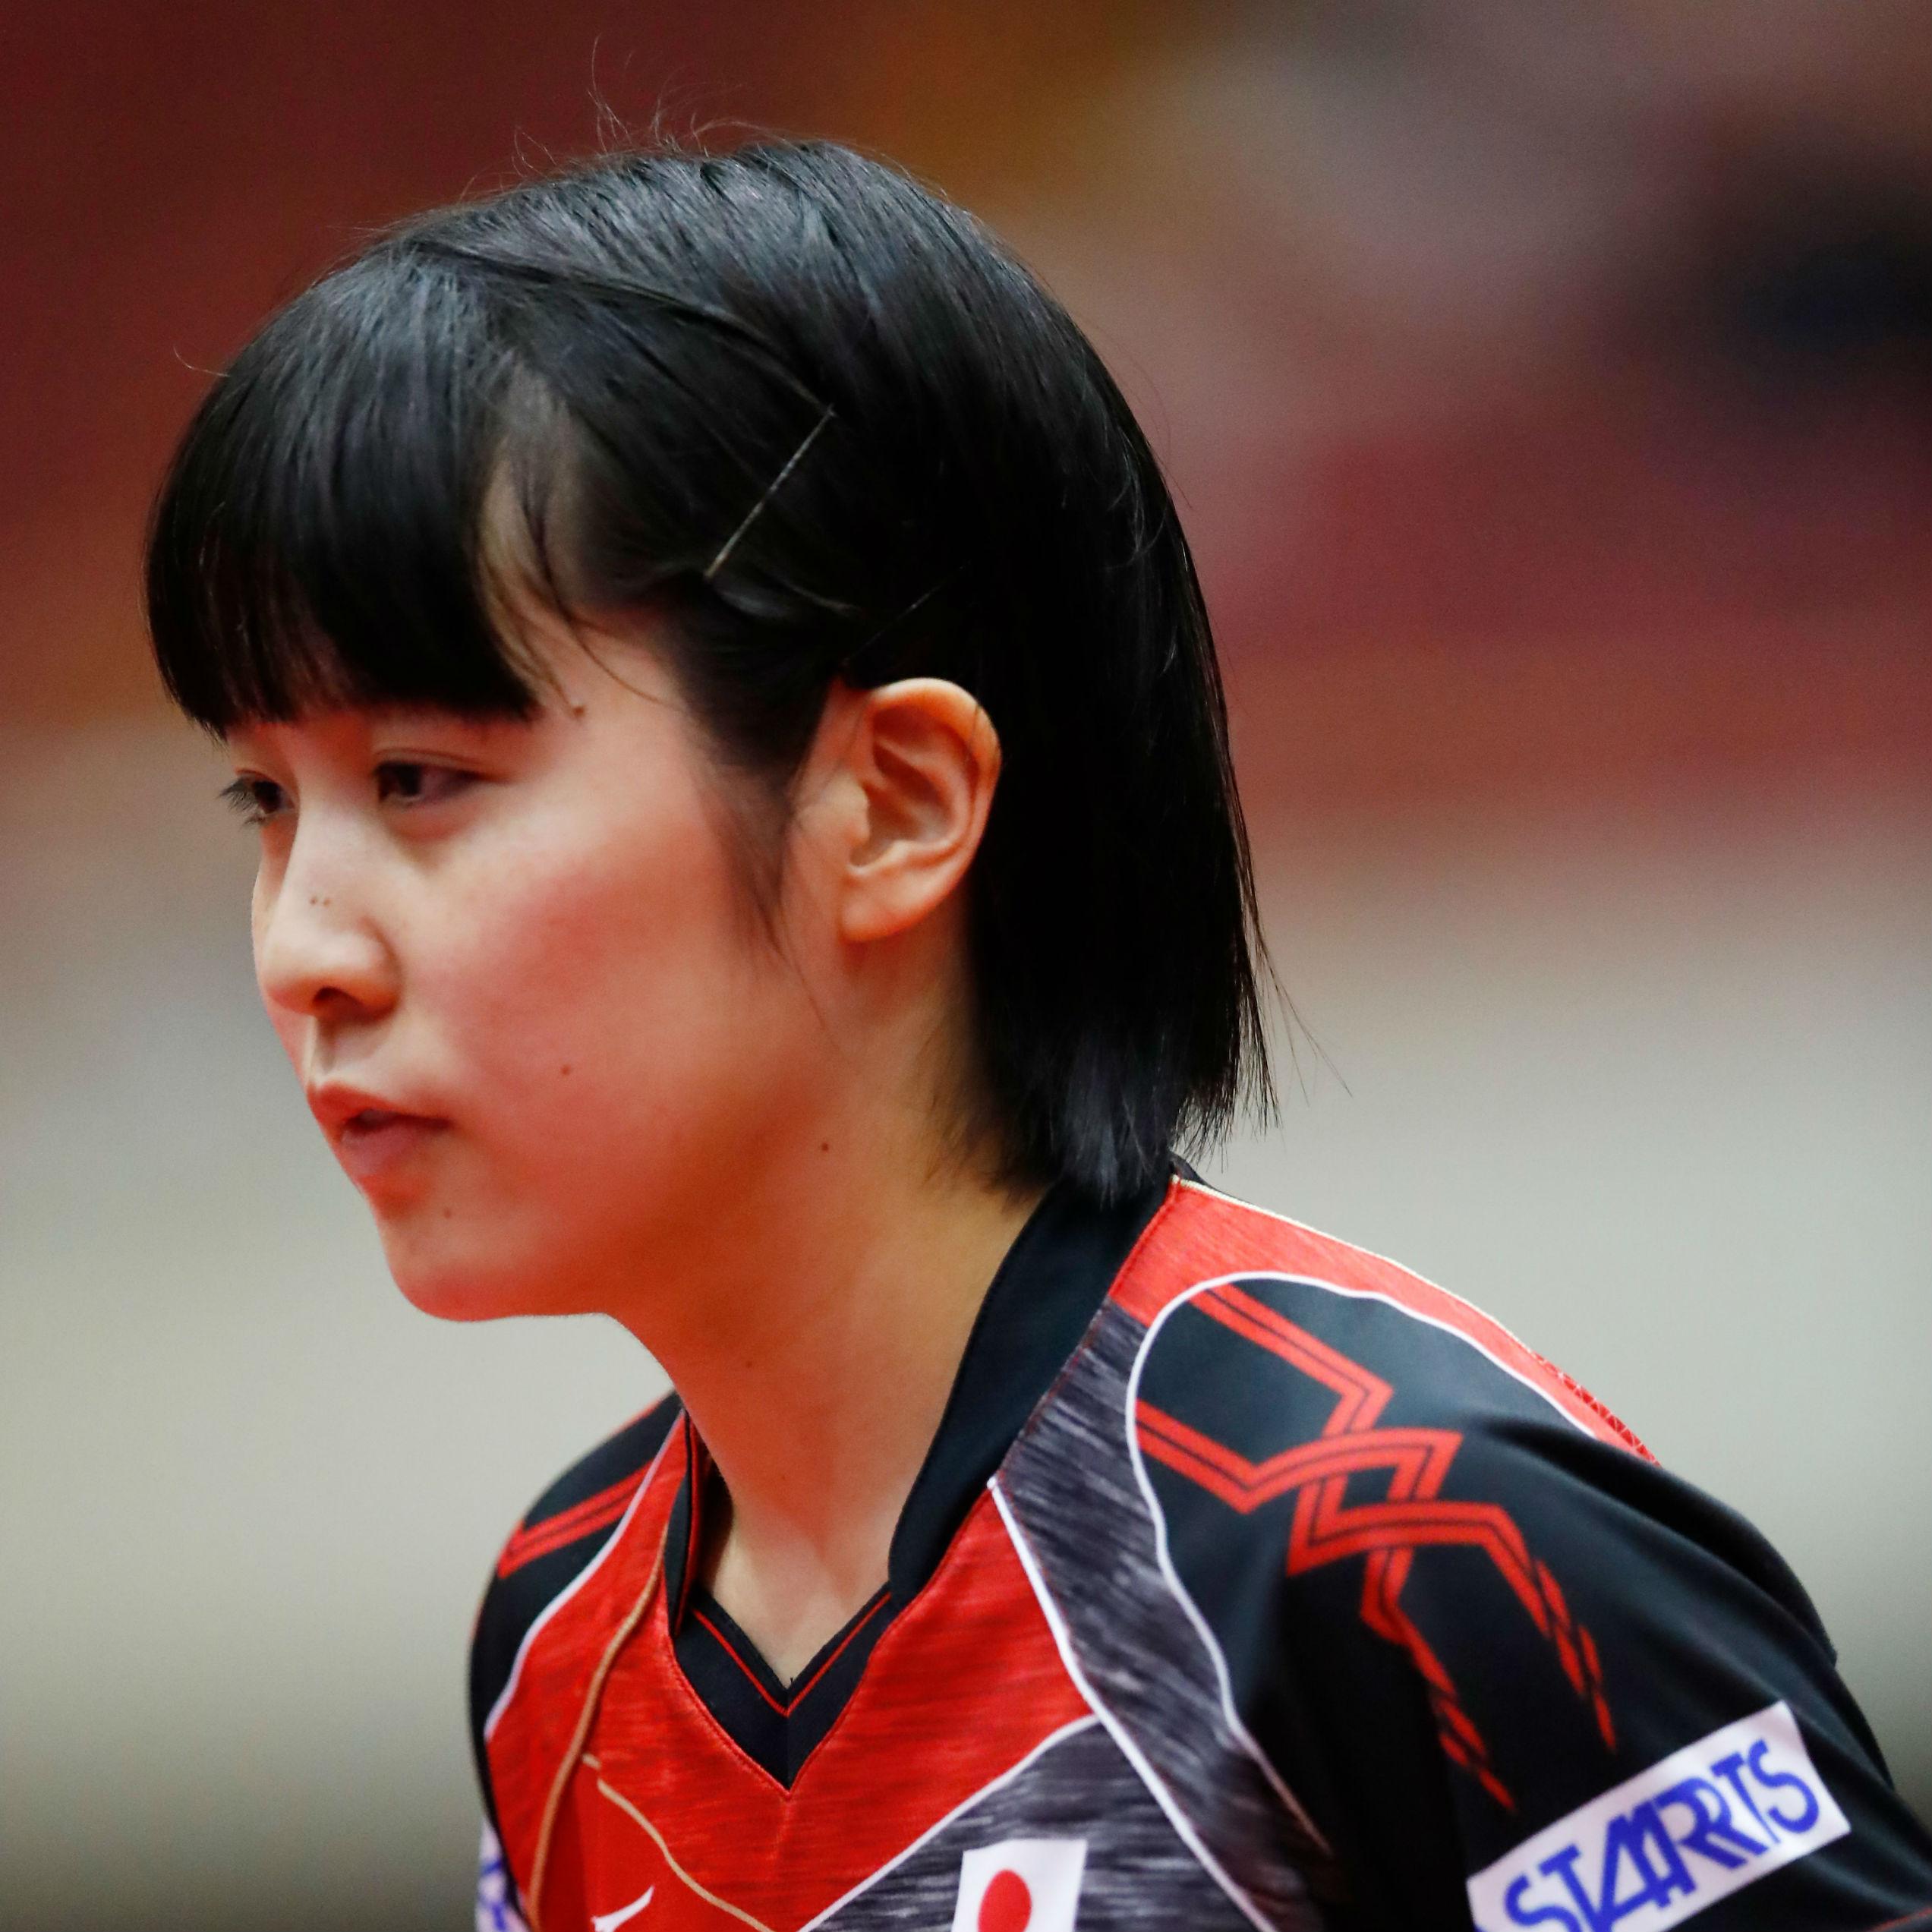 卓球女子の注目。平野美宇の「速さ」は中国勢をも呑み込む